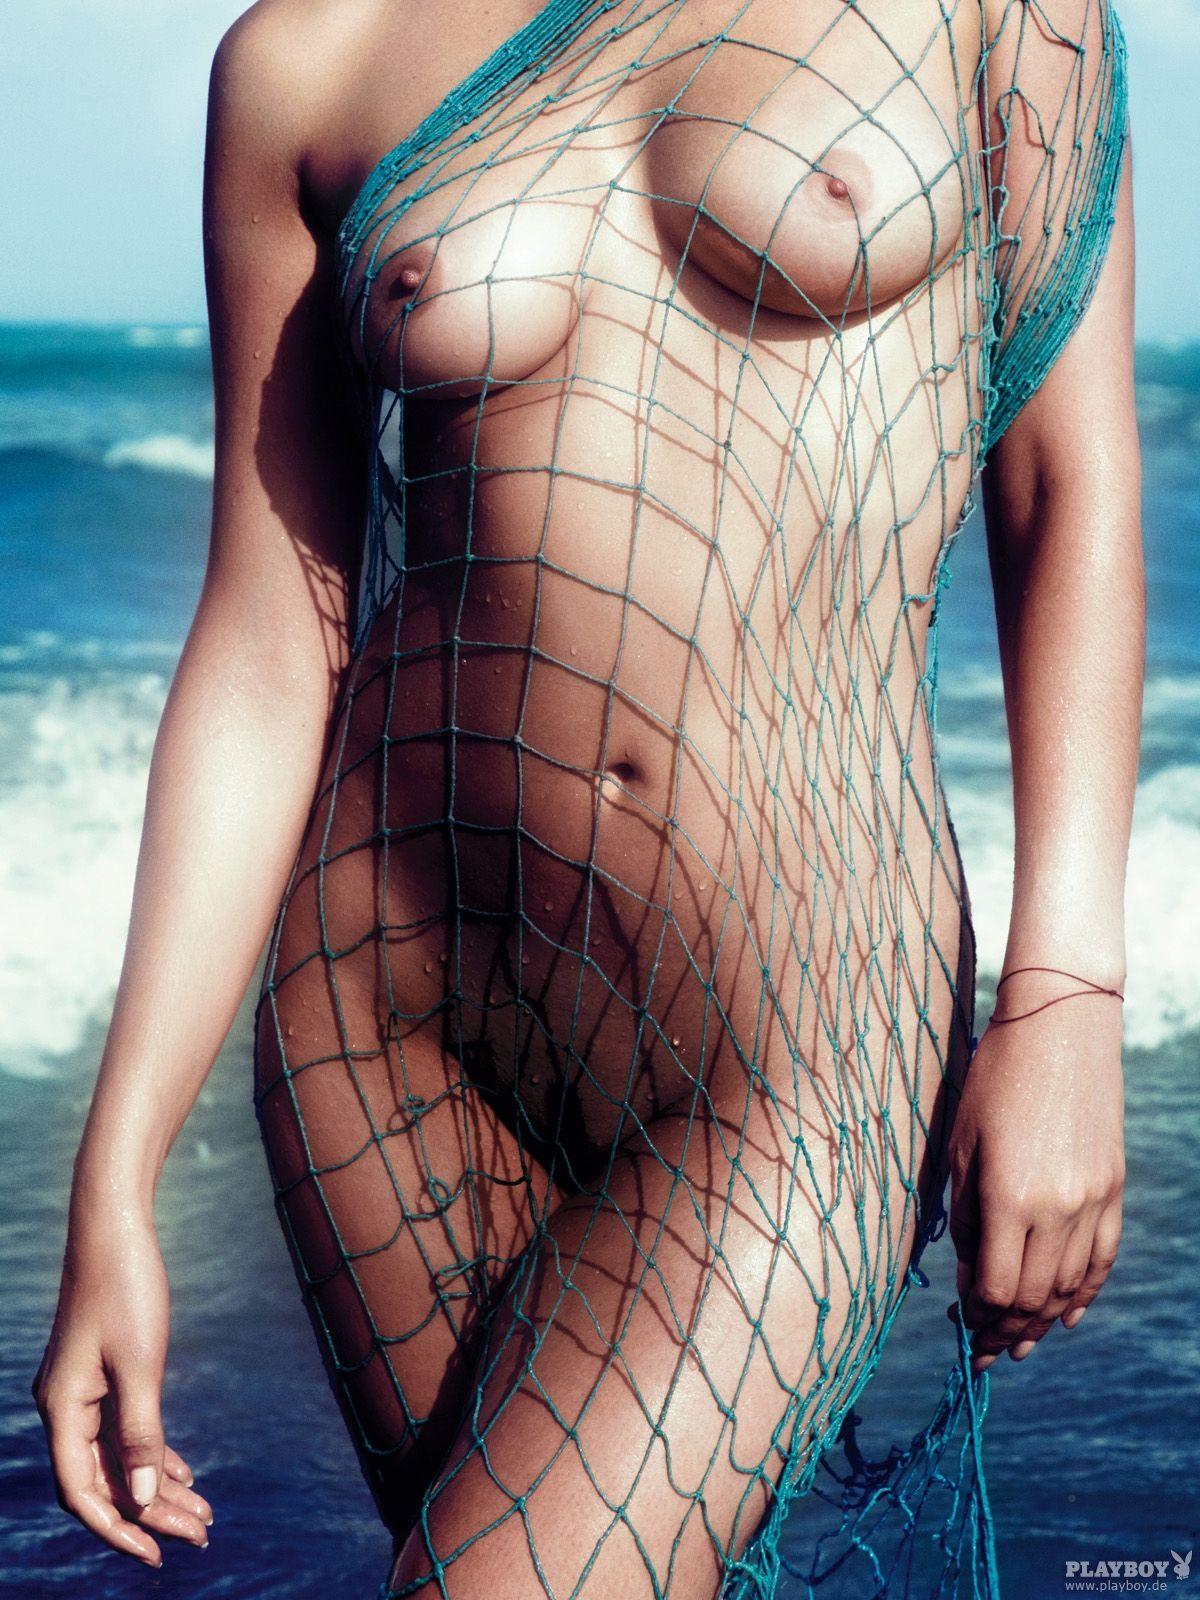 shermine-shahrivar-nude-2